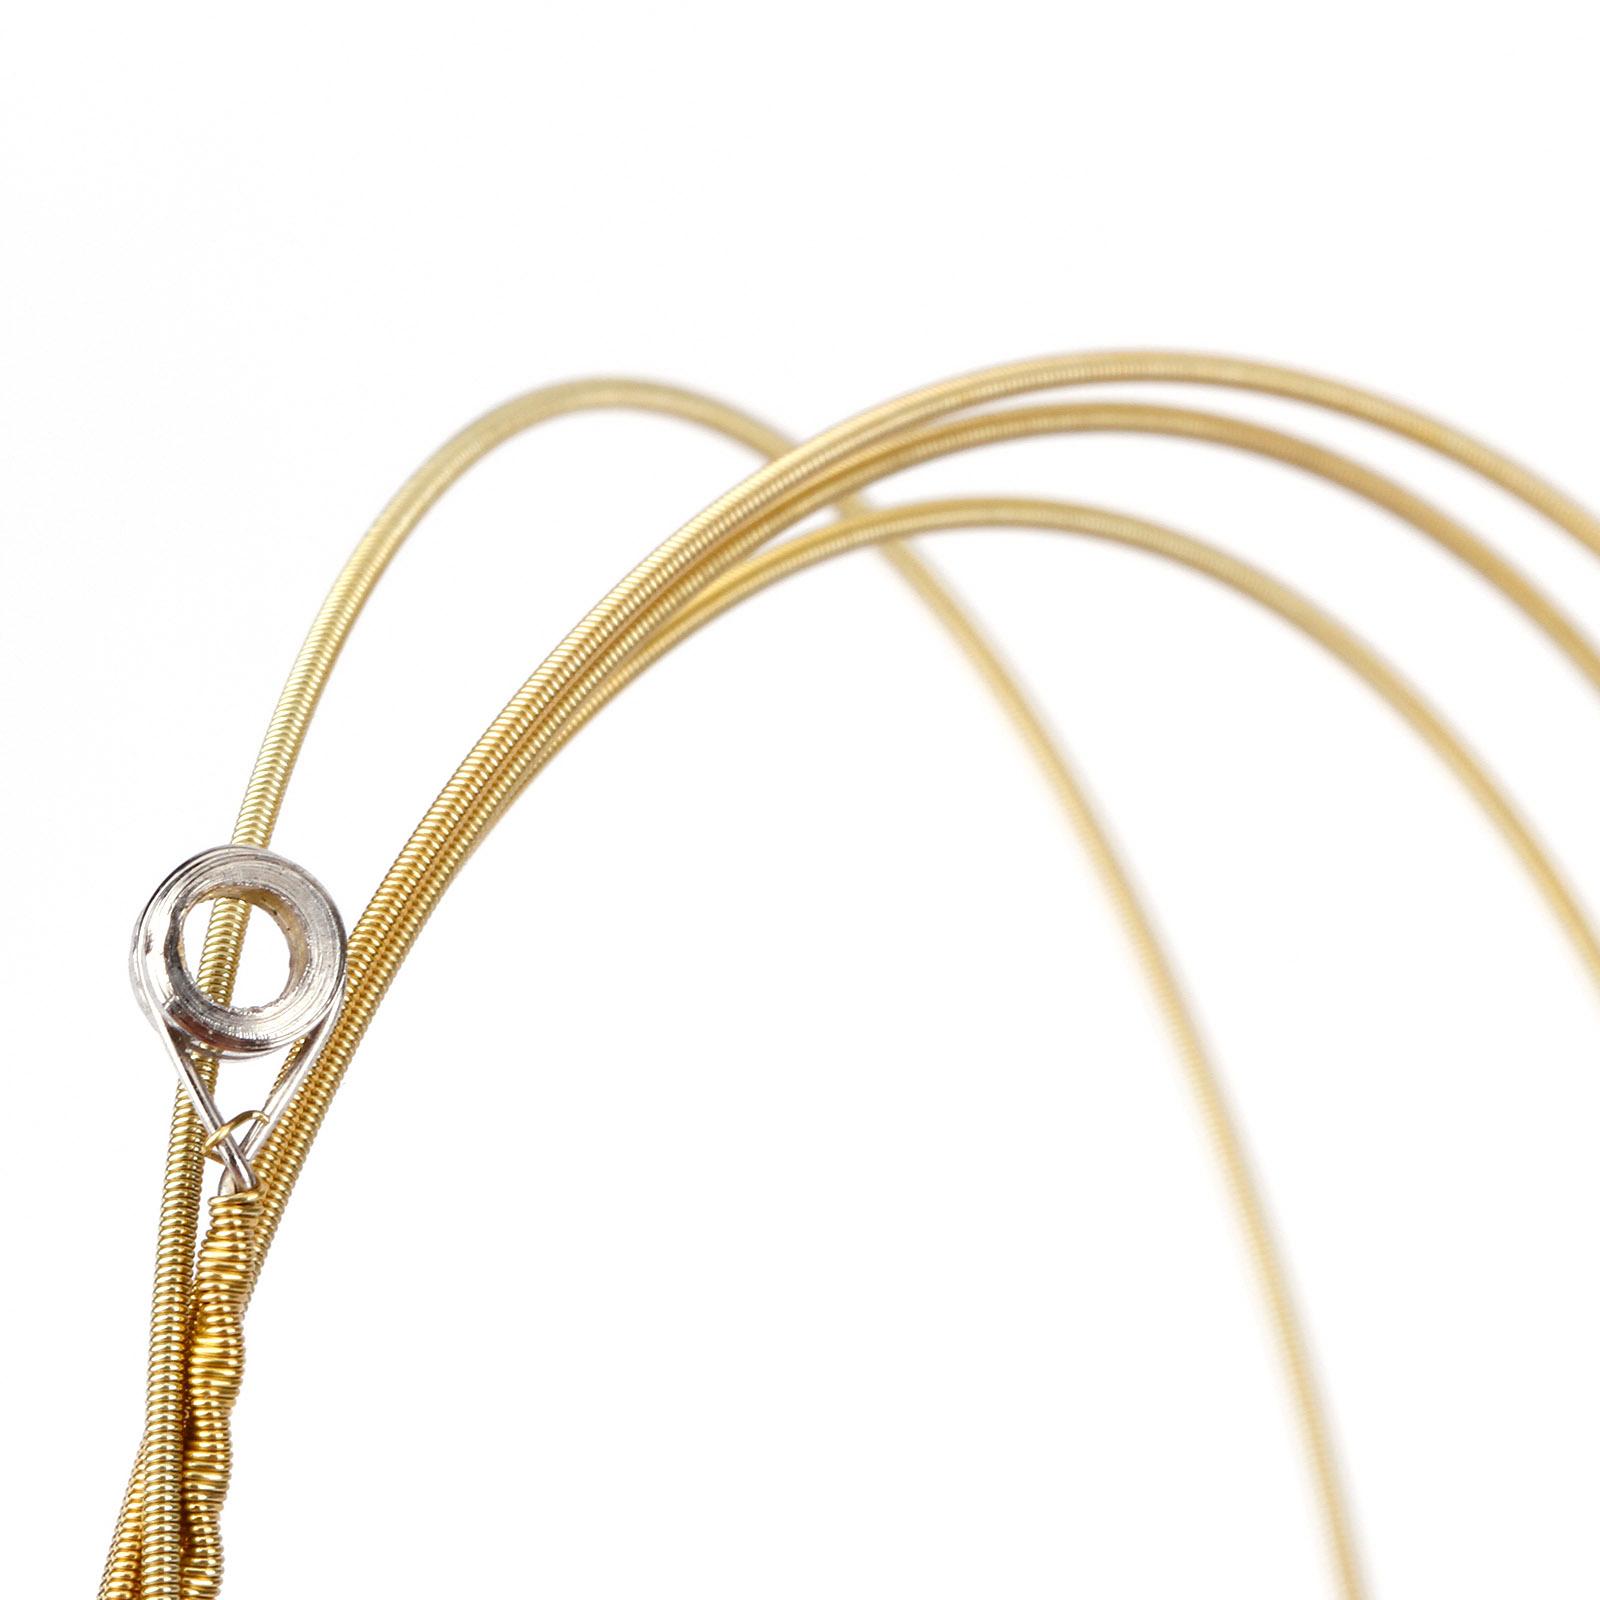 24pc steel acoustic guitar strings medium gauge strings accessories ebay. Black Bedroom Furniture Sets. Home Design Ideas